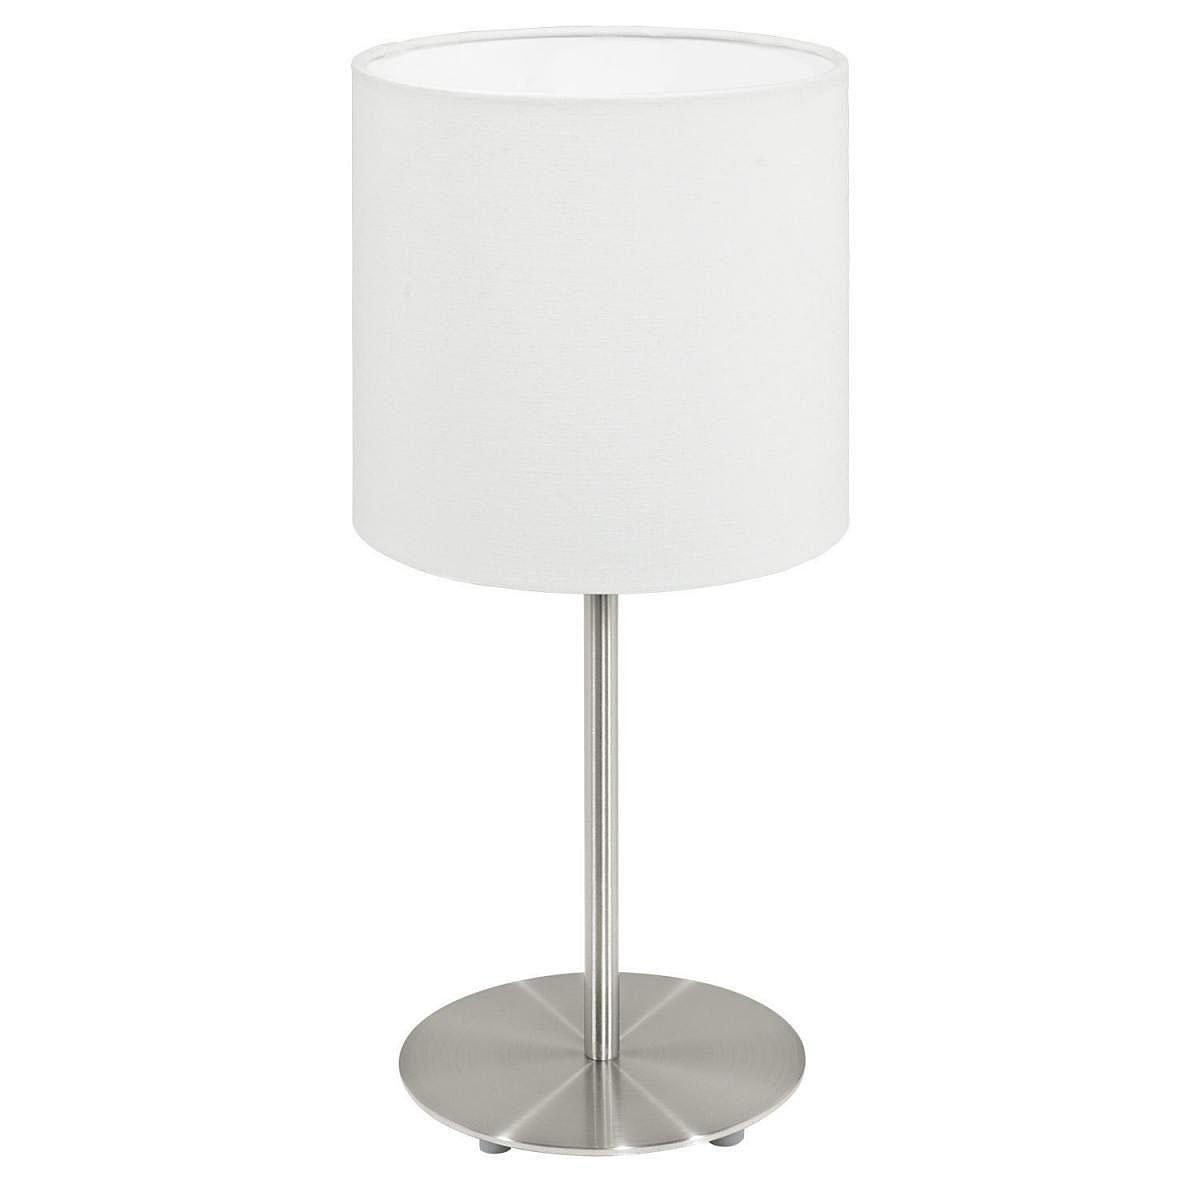 """Tischleuchten - Tischleuchte """"Pasteri"""", 27,5 cm, weiß  - Onlineshop Hellweg"""